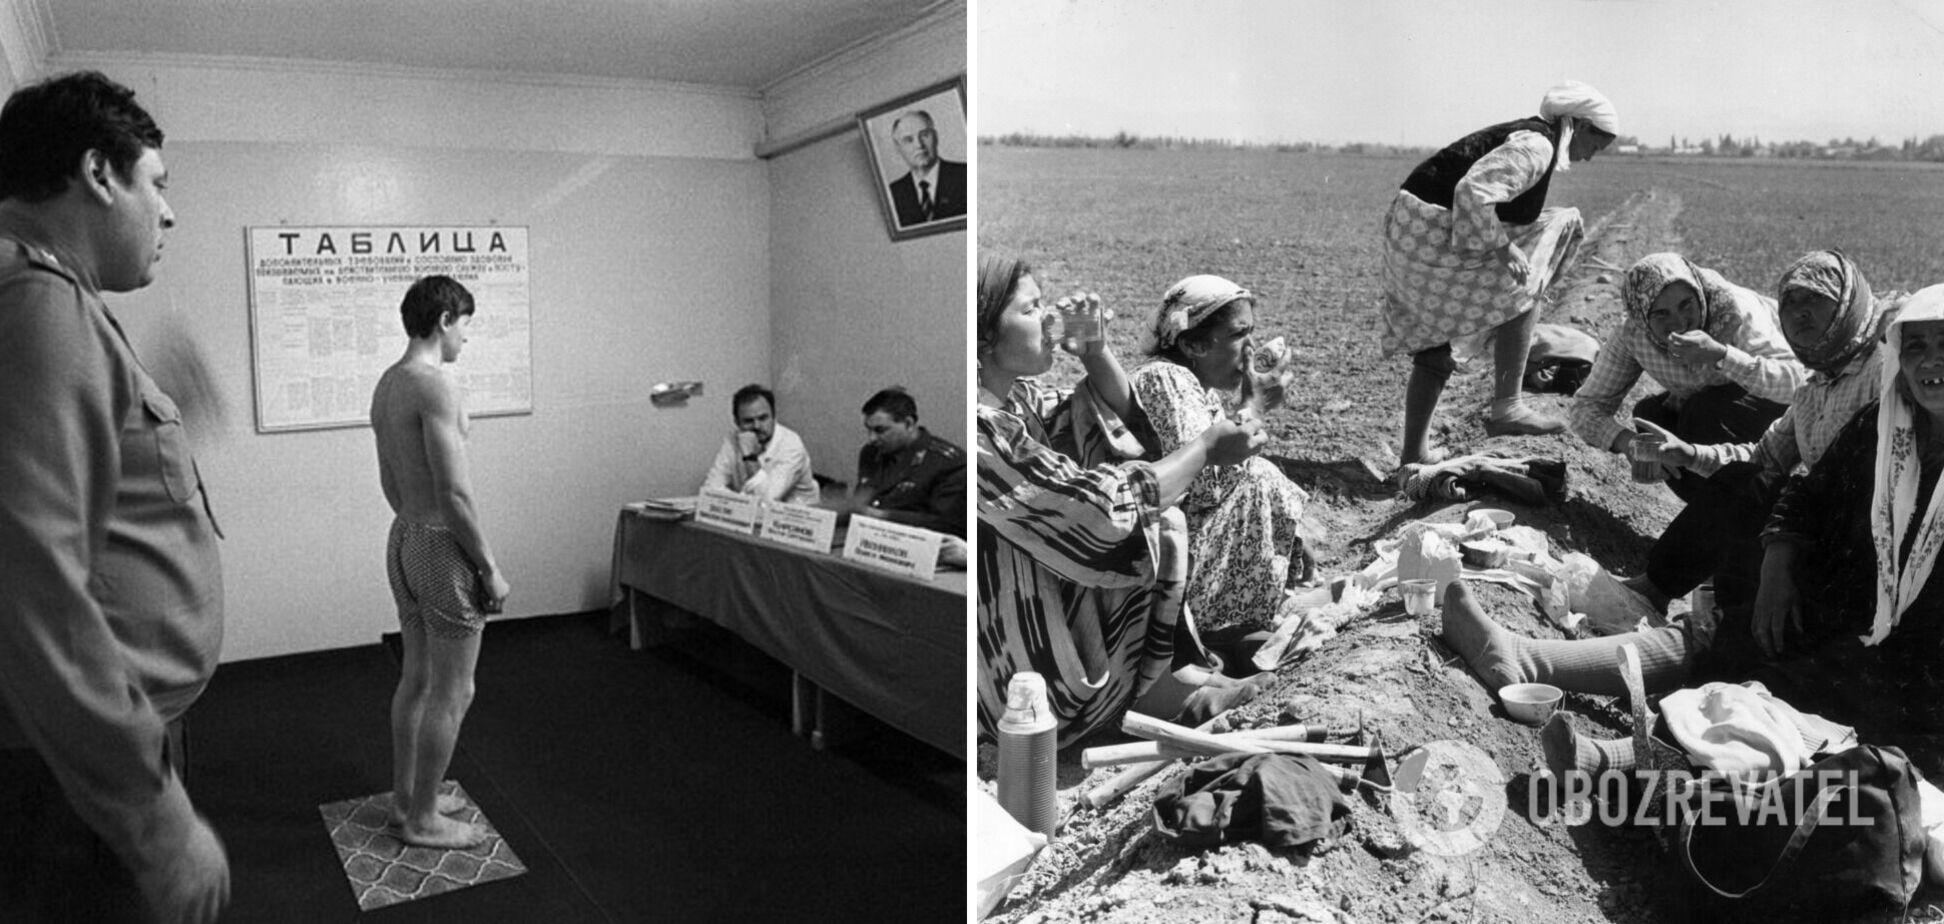 Плохое здоровье людей в СССР было обусловлено множеством факторов